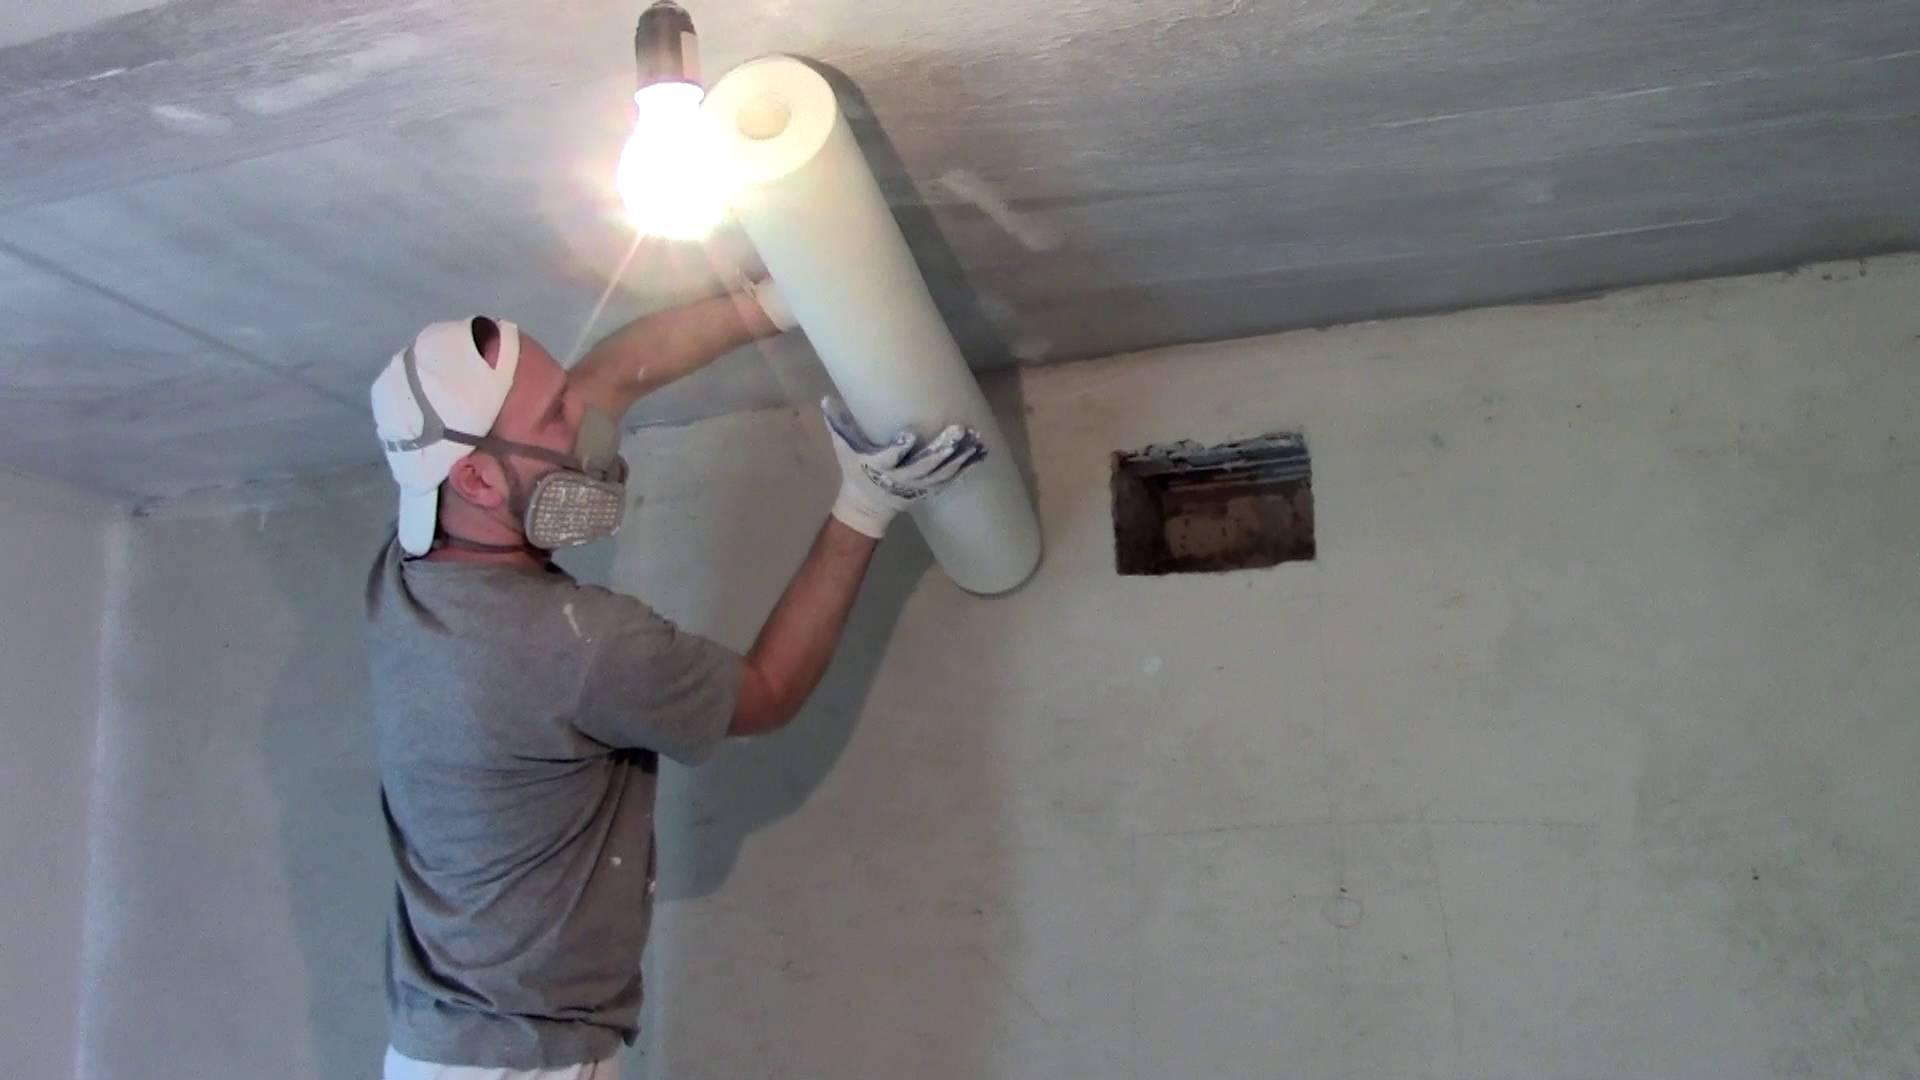 Паутинка для потолка под покраску: цена и поклейка стекловолокна для ремонта